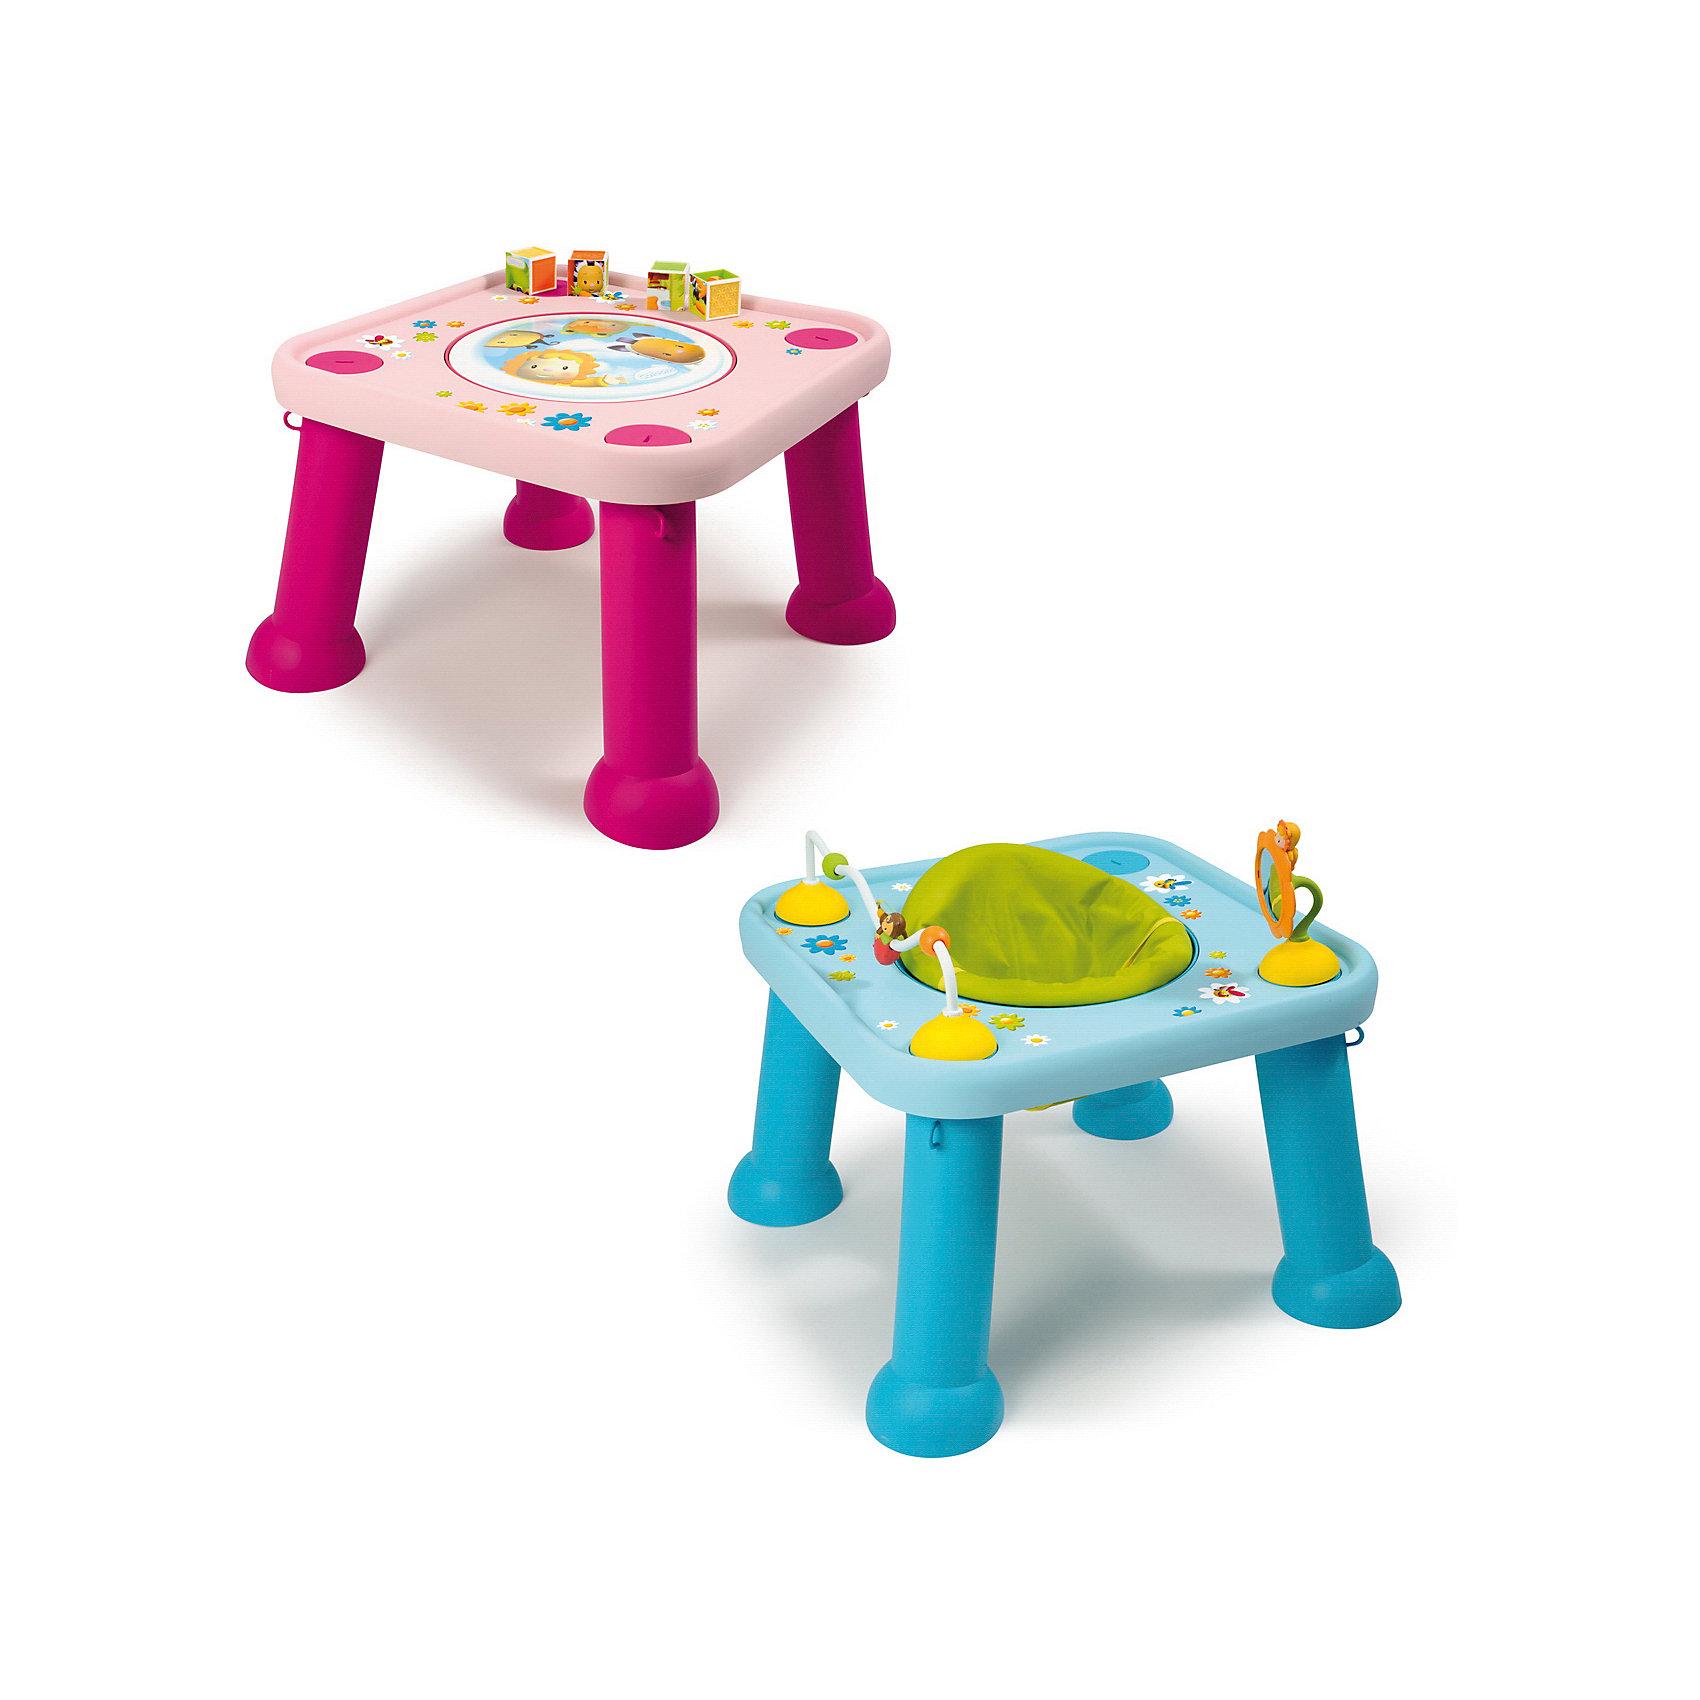 Стол-трансформер, SmobyРазвивающие игрушки<br>Характеристики товара:<br><br>• возраст от 6 месяцев<br>• материал: пластик<br>• в комплекте: стол, аксессуары<br>• стульчик вращается на 360 грудасов<br>• игрушки крепятся к столешнице с помощью присосок<br>• легко разбирается и собирается<br>• размер столика 60х60х45 см<br>• размер упаковки 60х60х20 см<br>• страна бренда: Франция<br>• страна производитель: Франция<br>• товар представлен в ассортименте<br><br>Стол-трансформер Smoby — удивительный столик, который сочетает в себе 2 функции: стола для игр и стульчика. Для маленьких детей используется в качестве стульчика. Стульчик вращается на 360 градусов, что позволяет использовать всю игровую поверхность. Когда малыш подрастет, отверстие для стула закрывается панелью с изображениями, и стол можно использовать для занятий, рисования, обучающих игр. На столешнице расположены игрушки для развития мелкой моторики рук, тактильных ощущений, логического мышления.<br><br>Игрушка изготовлена из качественного безопасного пластика. На столе отсутствуют острые детали, что исключает возможность случайных травм.<br><br>Стол-трансформер Smoby можно приобрести в нашем интернет-магазине.<br><br>Ширина мм: 600<br>Глубина мм: 200<br>Высота мм: 600<br>Вес г: 4500<br>Возраст от месяцев: 6<br>Возраст до месяцев: 2147483647<br>Пол: Унисекс<br>Возраст: Детский<br>SKU: 5544435